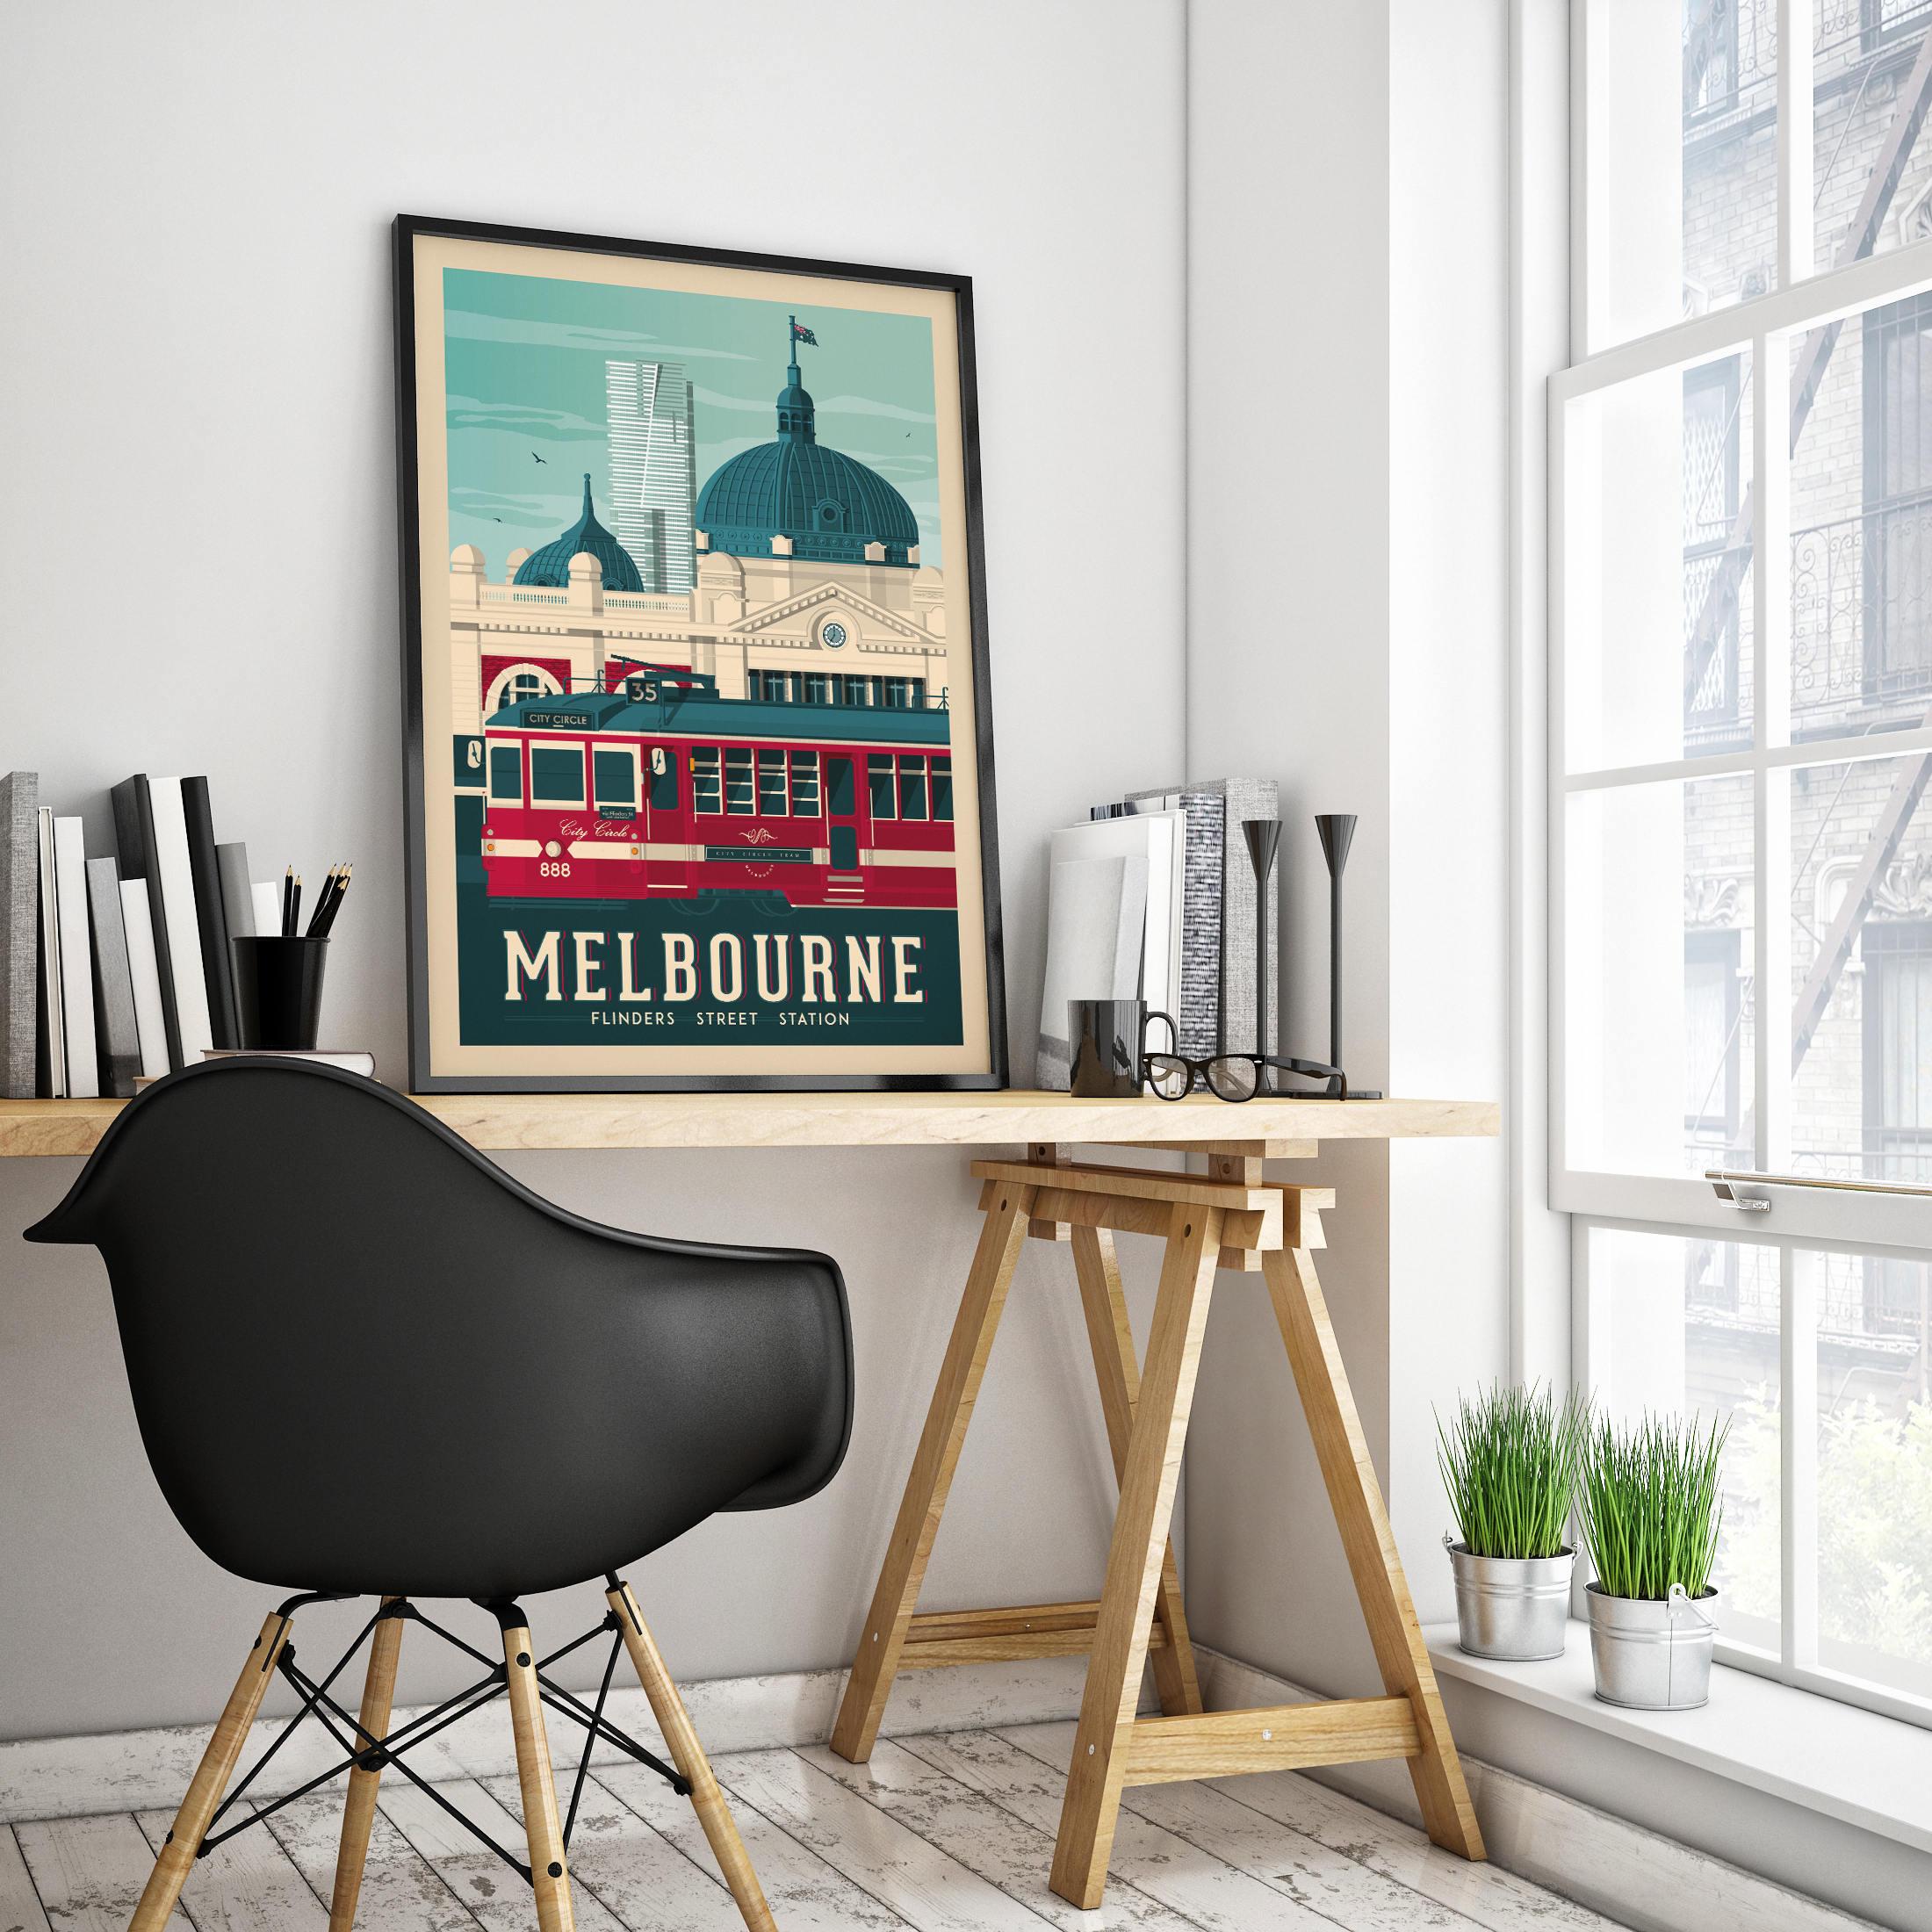 Melbourne Australia Vintage Travel Poster, framed poster